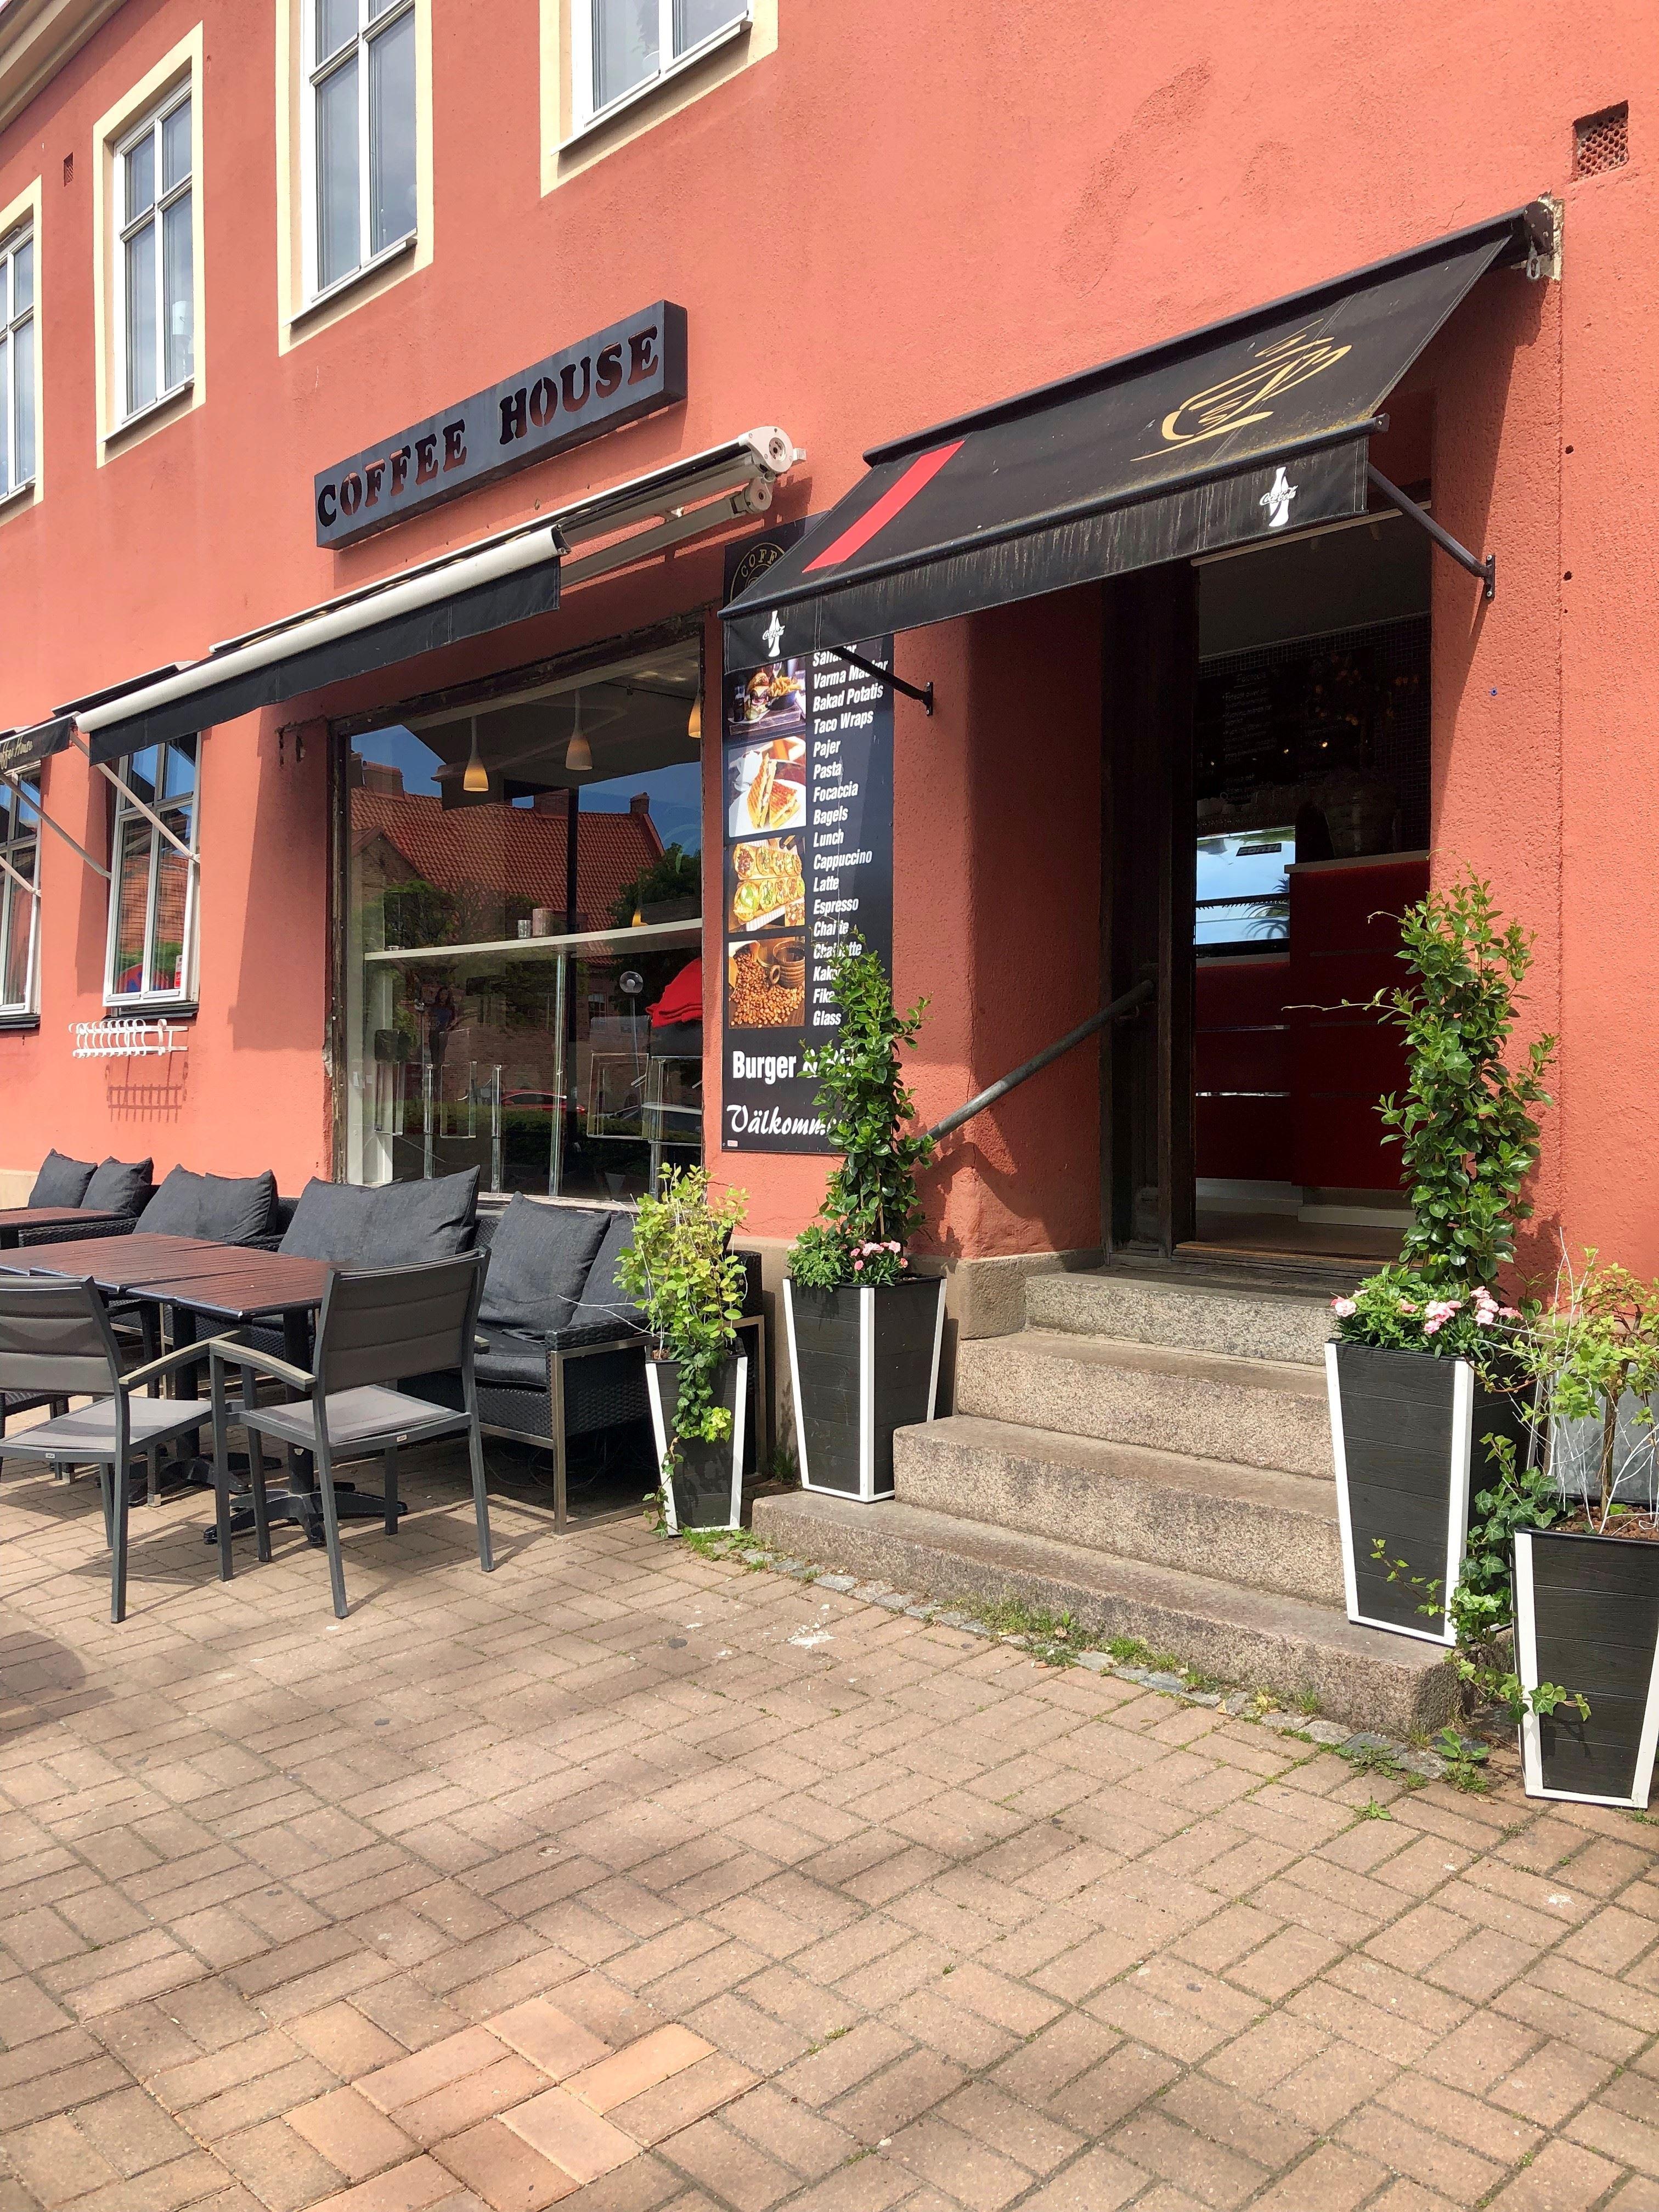 Coffee House & PS - Sölvesborg